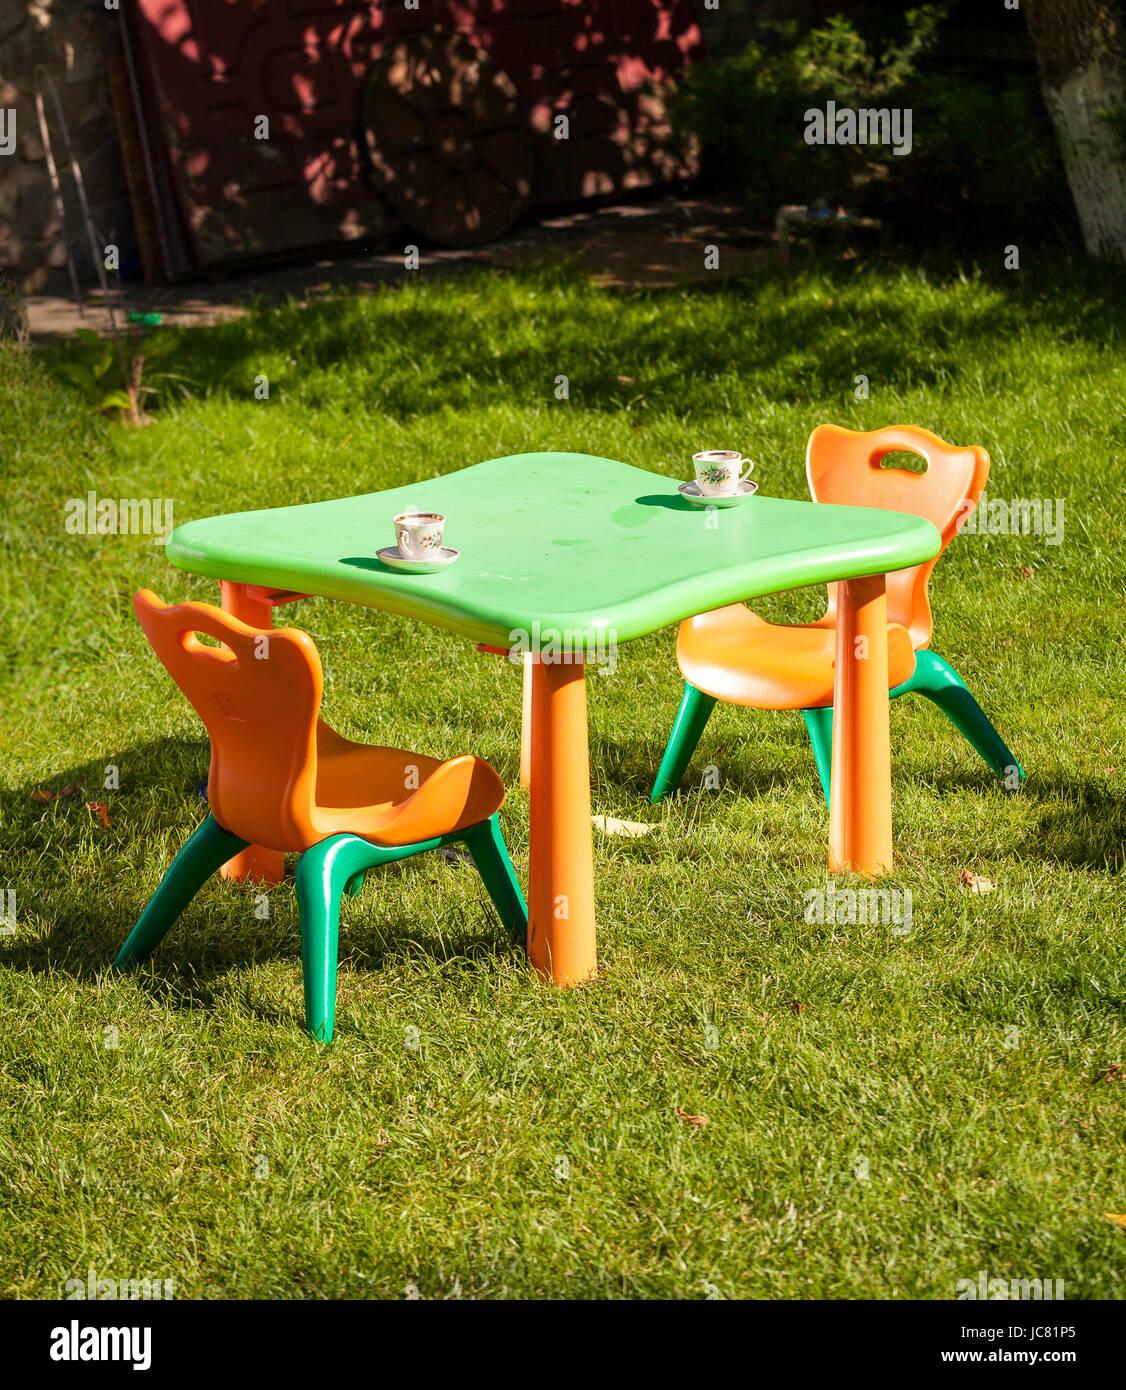 Im Freien Schuss Aus Kunststoff Kinderstuhl Und Tisch Auf Dem Rasen